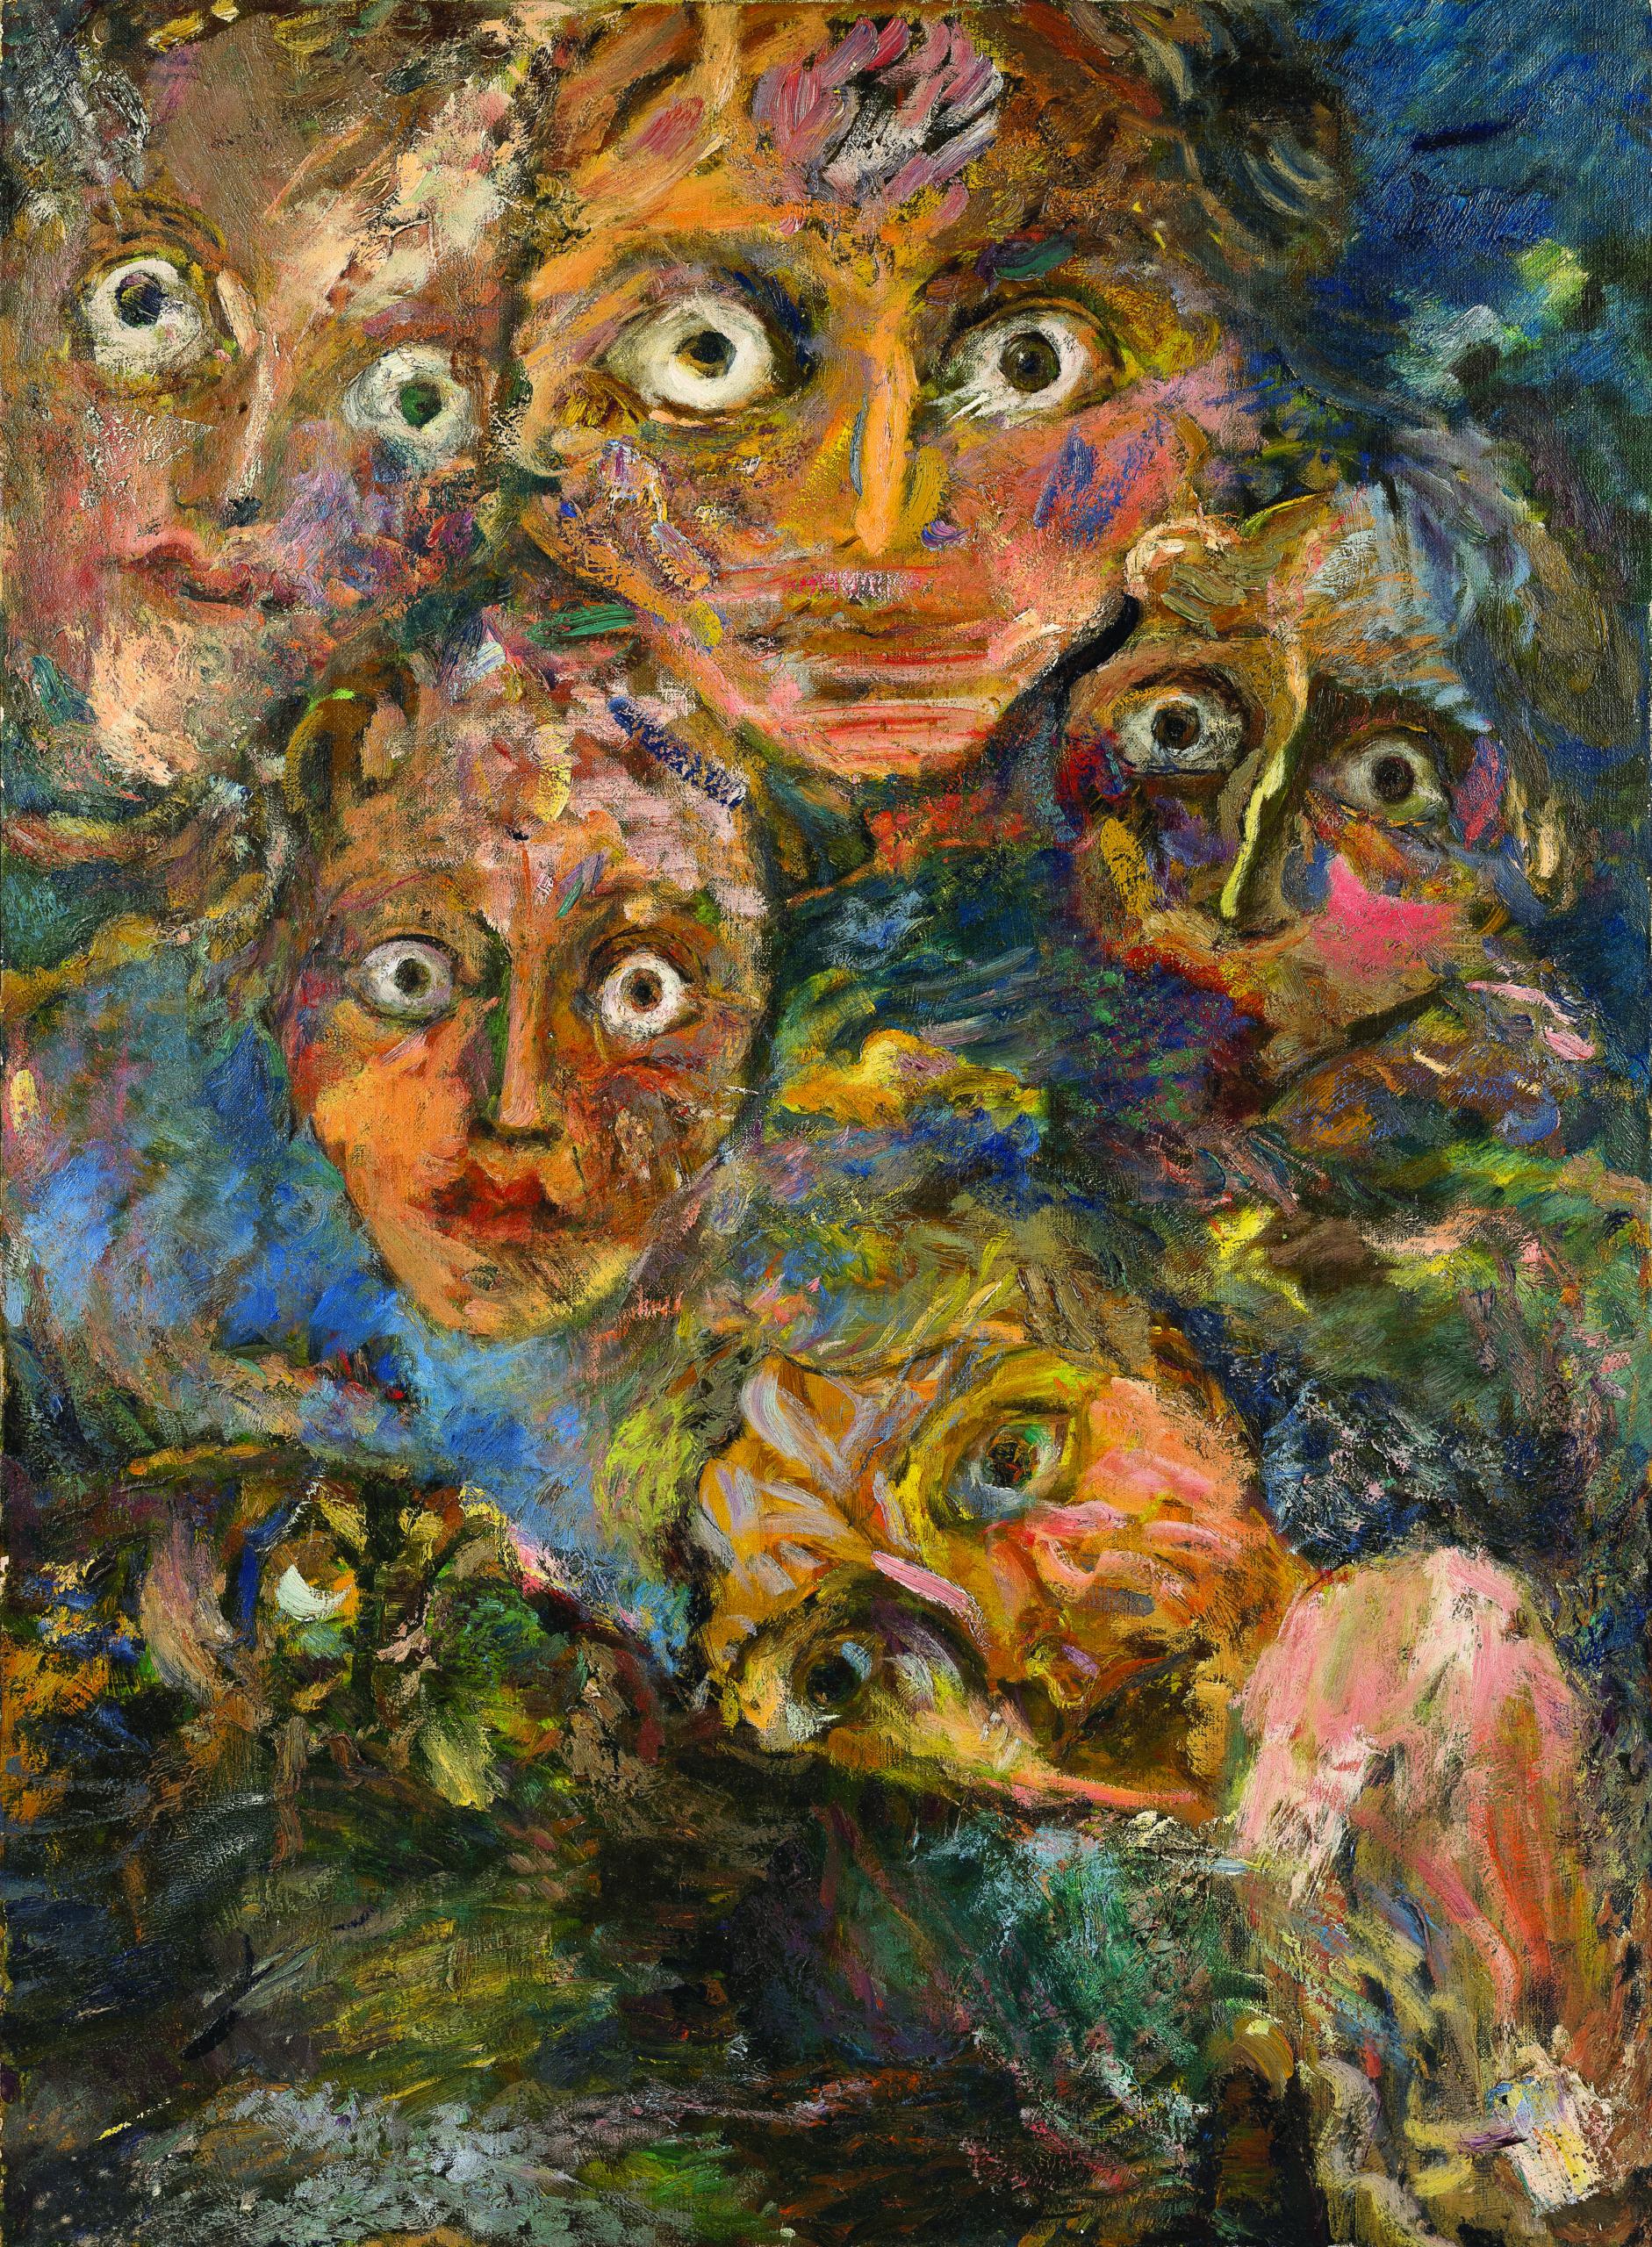 """<p><span style=""""font-size: 10pt;"""">Émile Alexandre, <em>Le songe II</em>, huile sur toile, 1964, 100 x 74 cm ©Caroline Dethier</span></p>"""